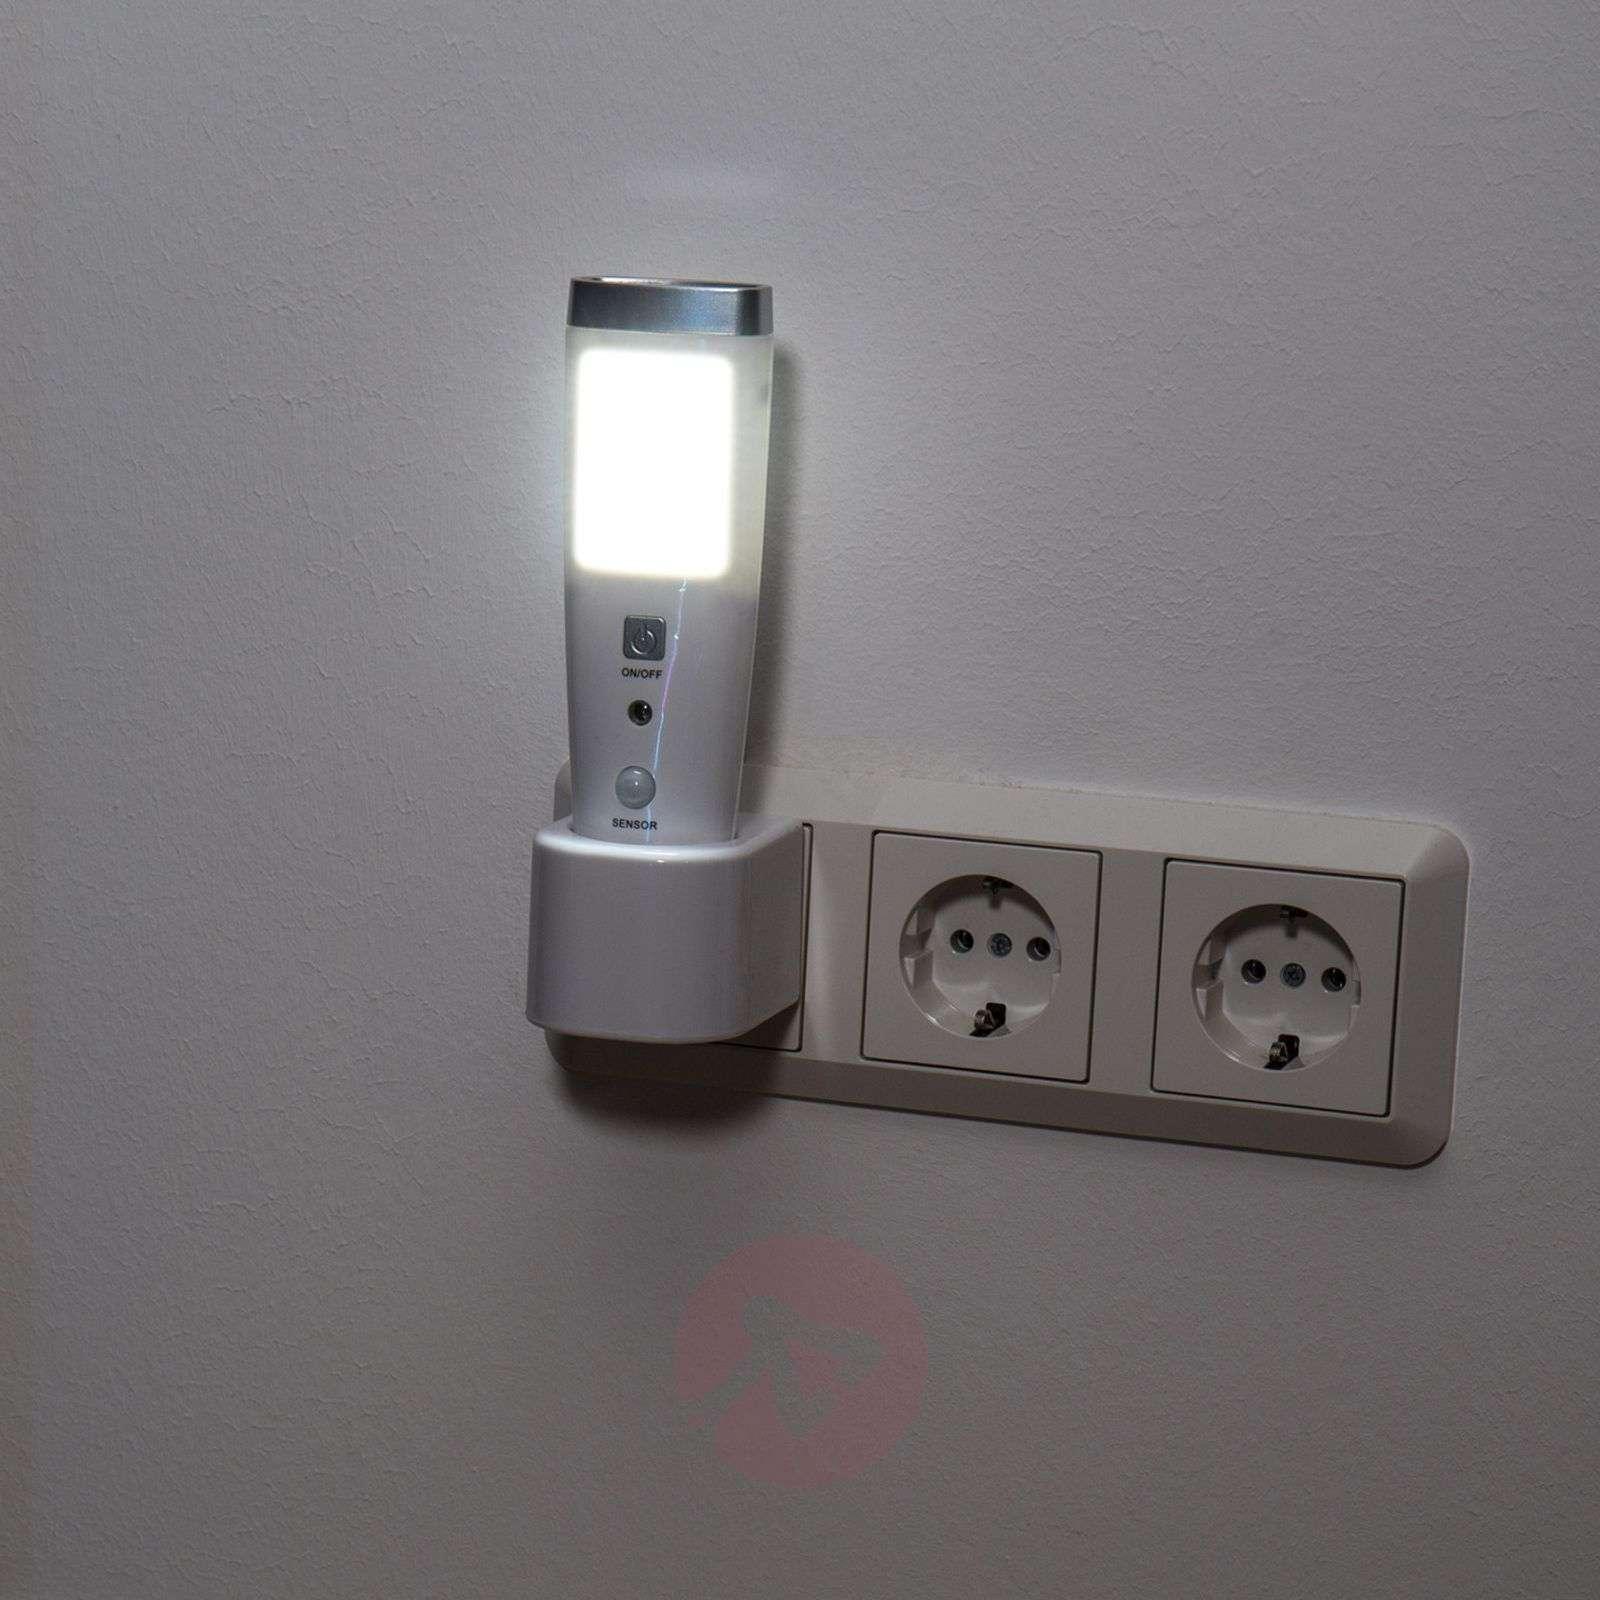 Kannettava LED-yövalo Minerva-8559194-01